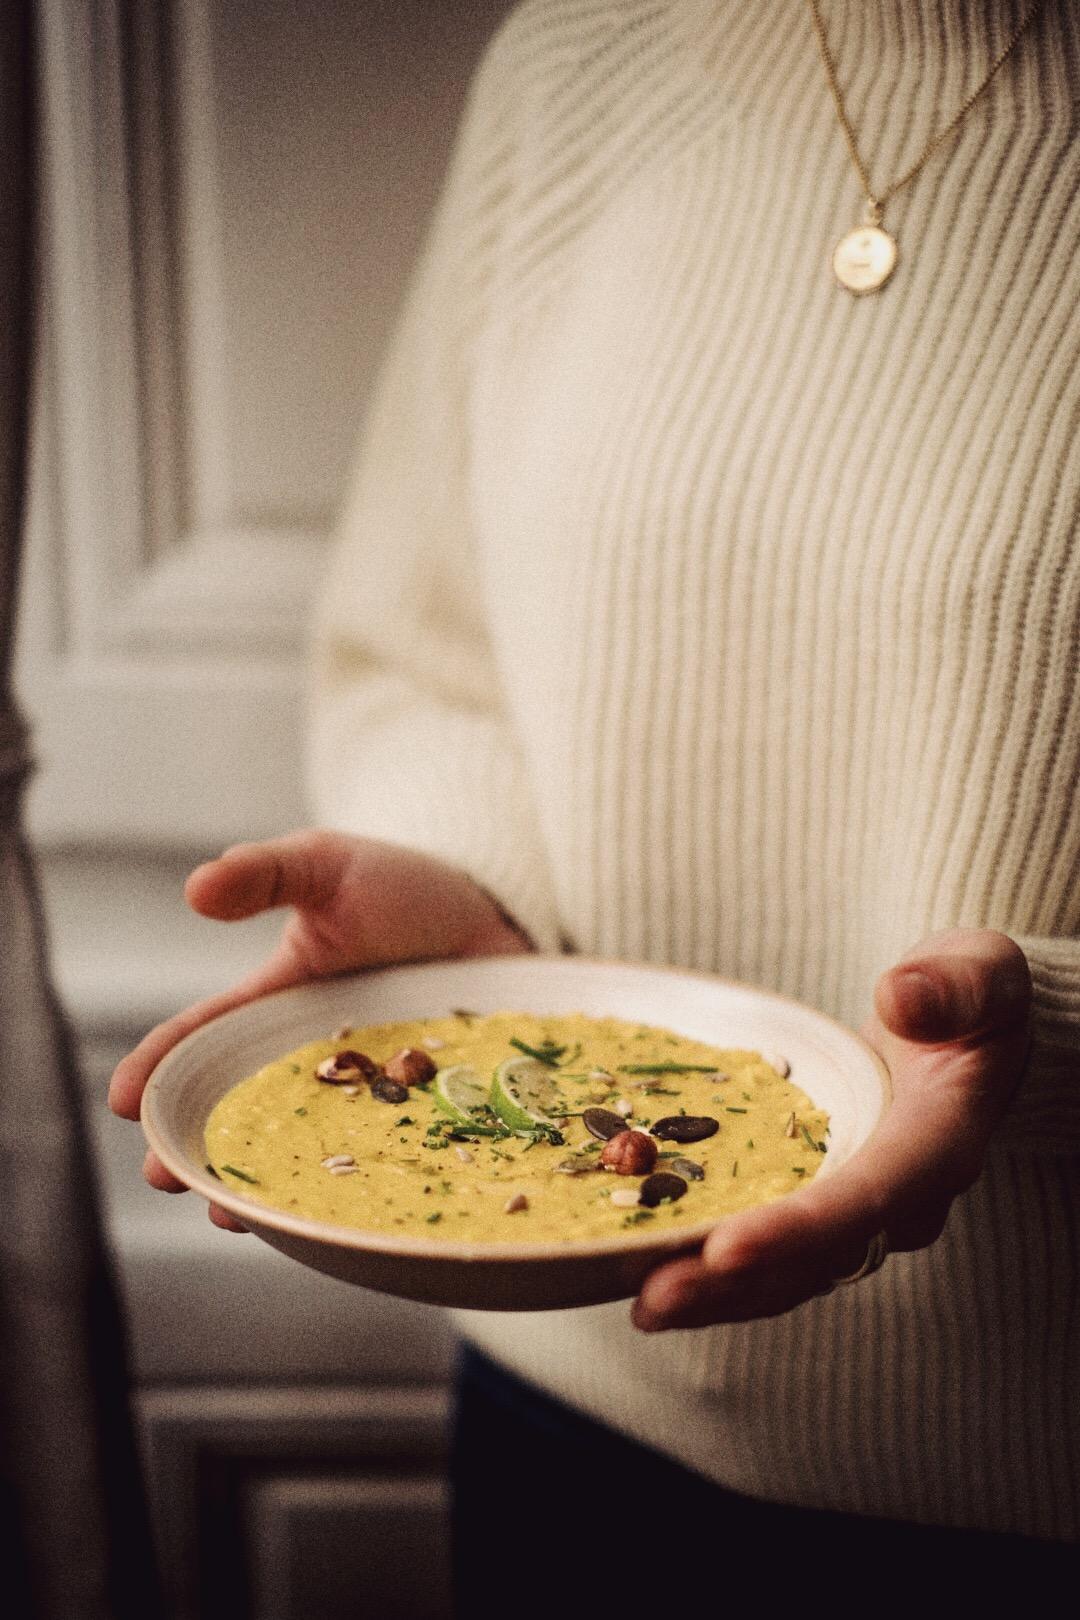 FOOD - Que représente la cuisine pour toi ?J'ai toujours adoré cuisiner, passion partagée avec tous mes proches, je dois dire que dans ma famille, nous passons beaucoup de temps à préparer, à manger, à échanger sur ce qu'il y a dans nos assiettes et à faire « Mmhhh » à chaque bouchées.Que ce soit pour manger sur le pouce, pour cuisiner un jour de « flemme » ou pour un dîner dehors, j'accorde une grande importance à ce que je mange et cela depuis un bon moment déjà. N'oublions pas que nous sommes ce que nous mangeons :)